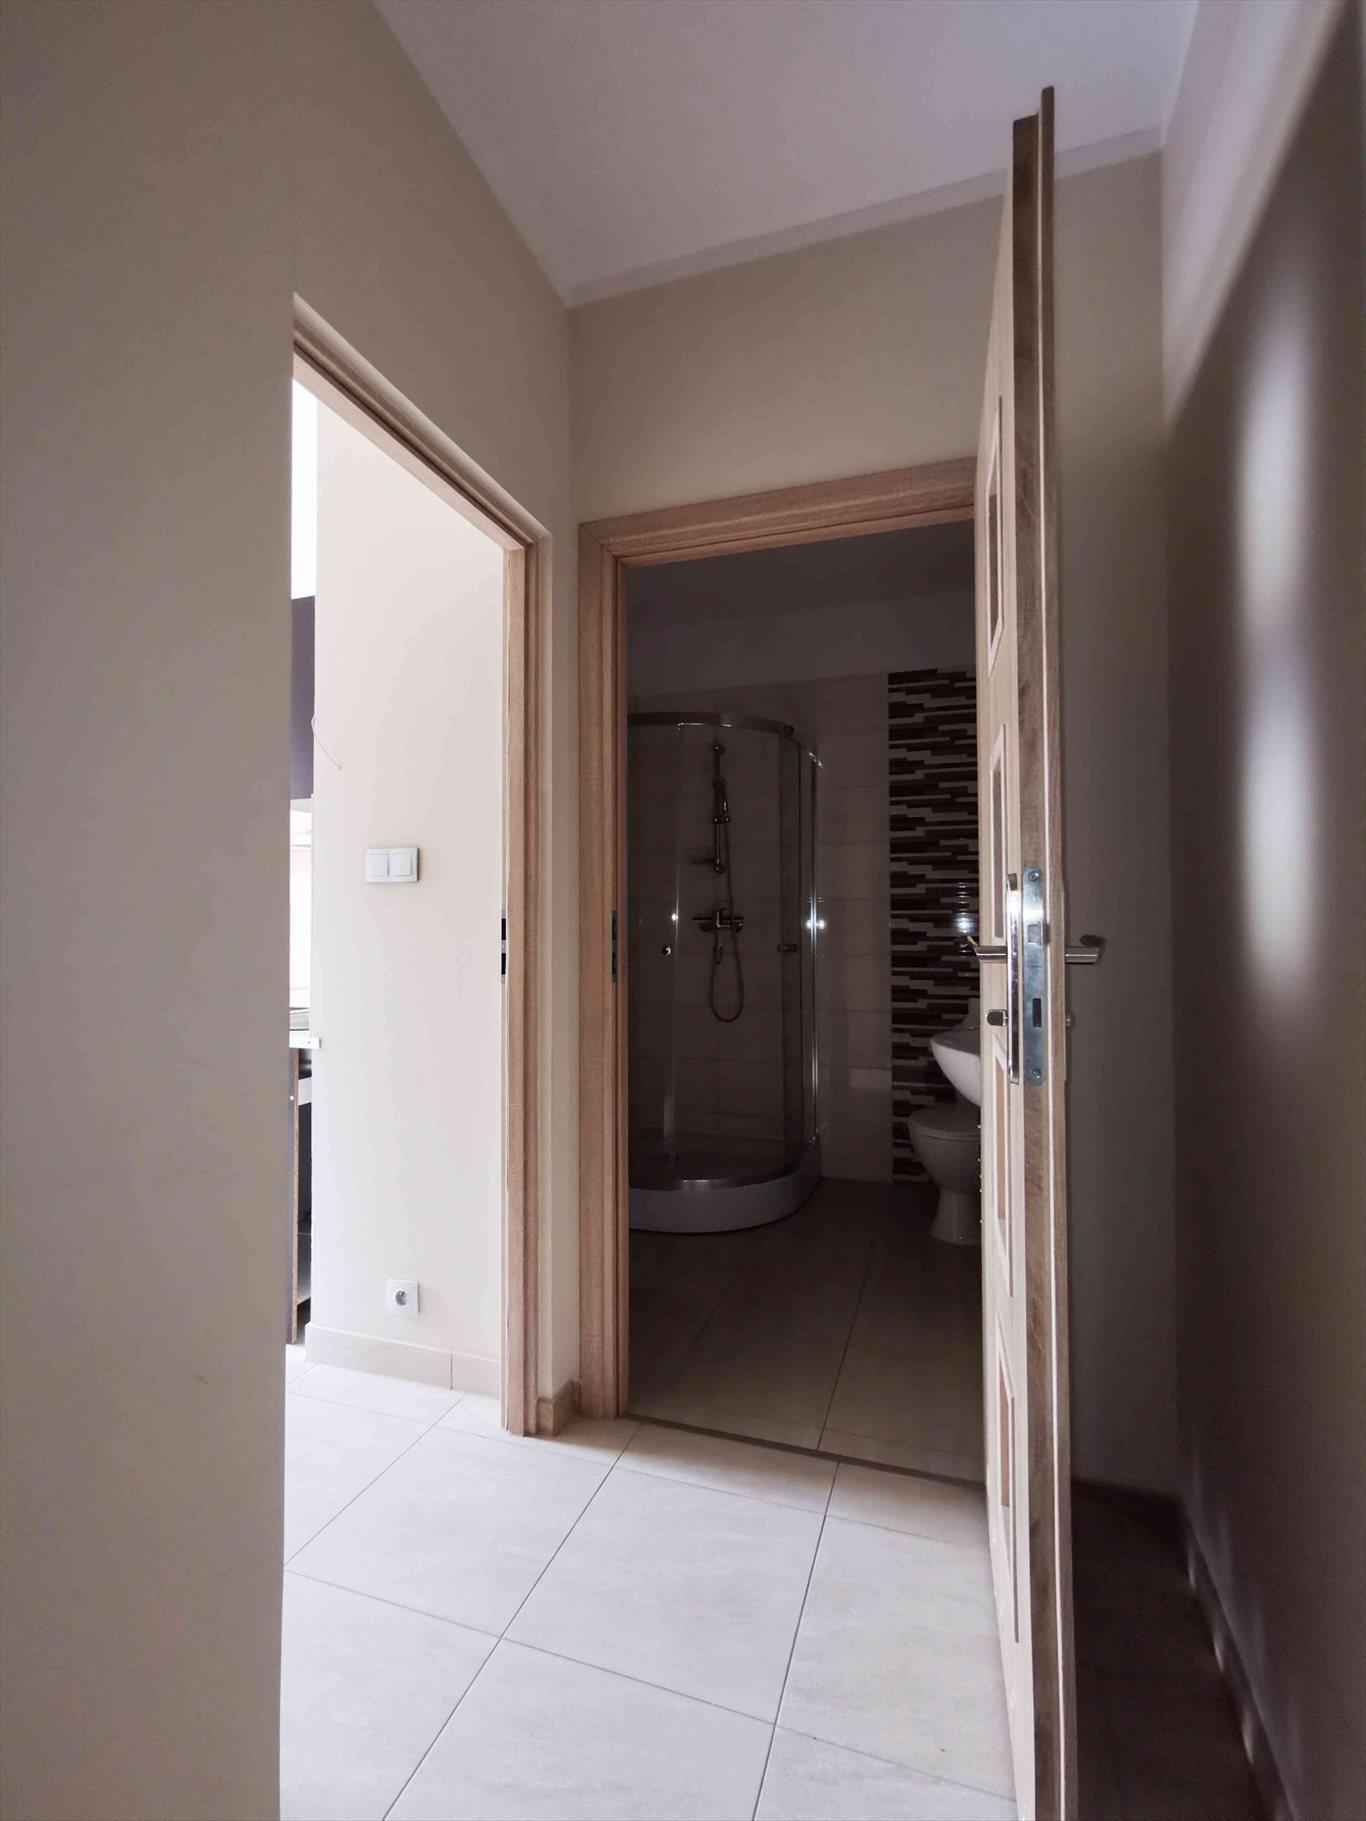 Mieszkanie dwupokojowe na wynajem Częstochowa, Śródmieście, Aleja Najświętszej Maryi Panny  45m2 Foto 12